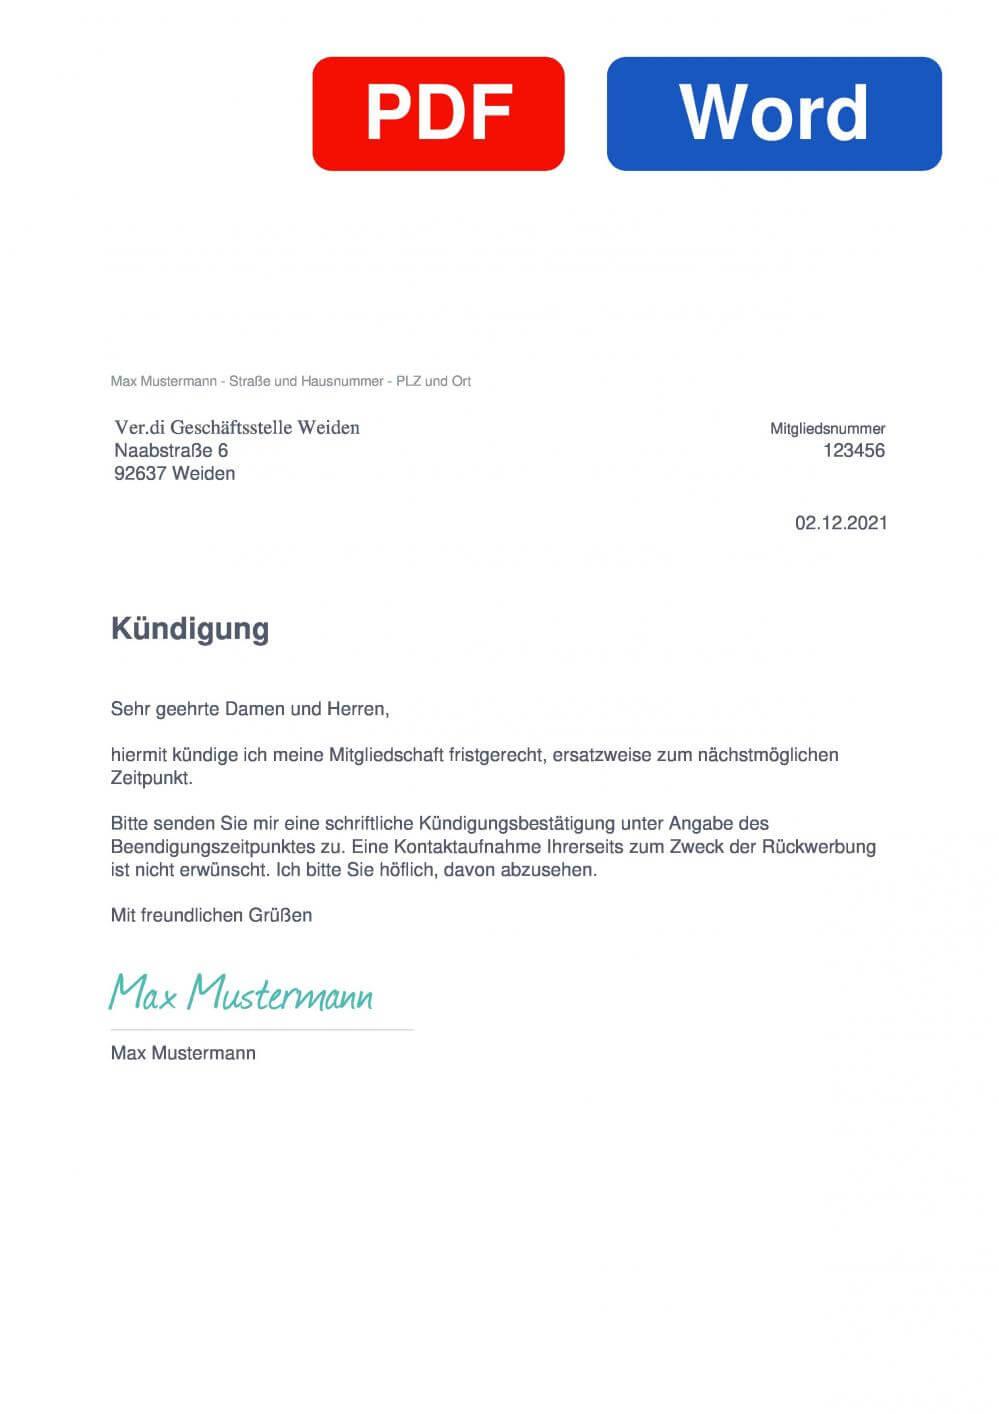 Verdi Weiden Muster Vorlage für Kündigungsschreiben